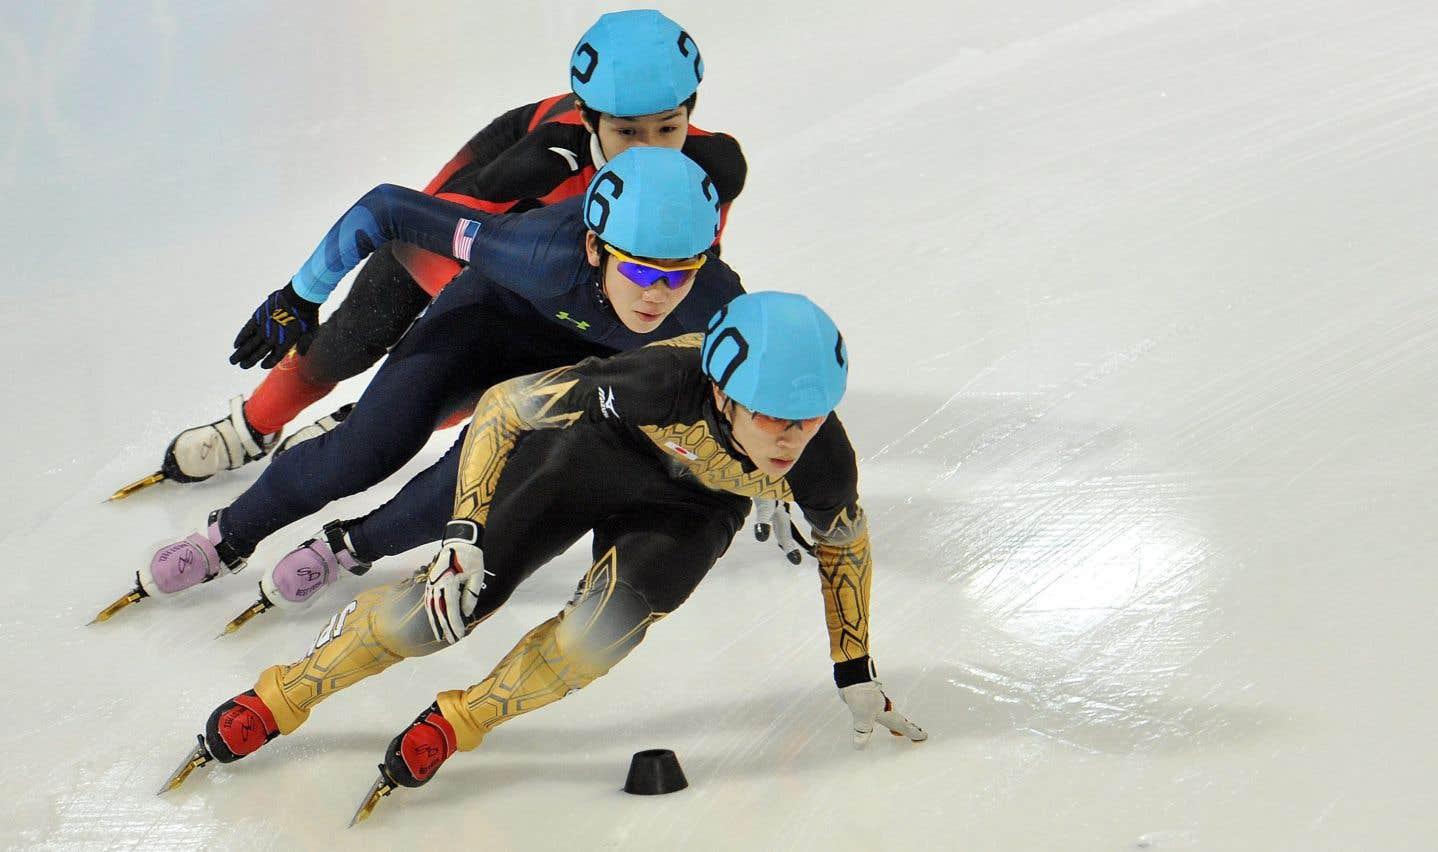 Un premier cas de dopage à Pyeongchang